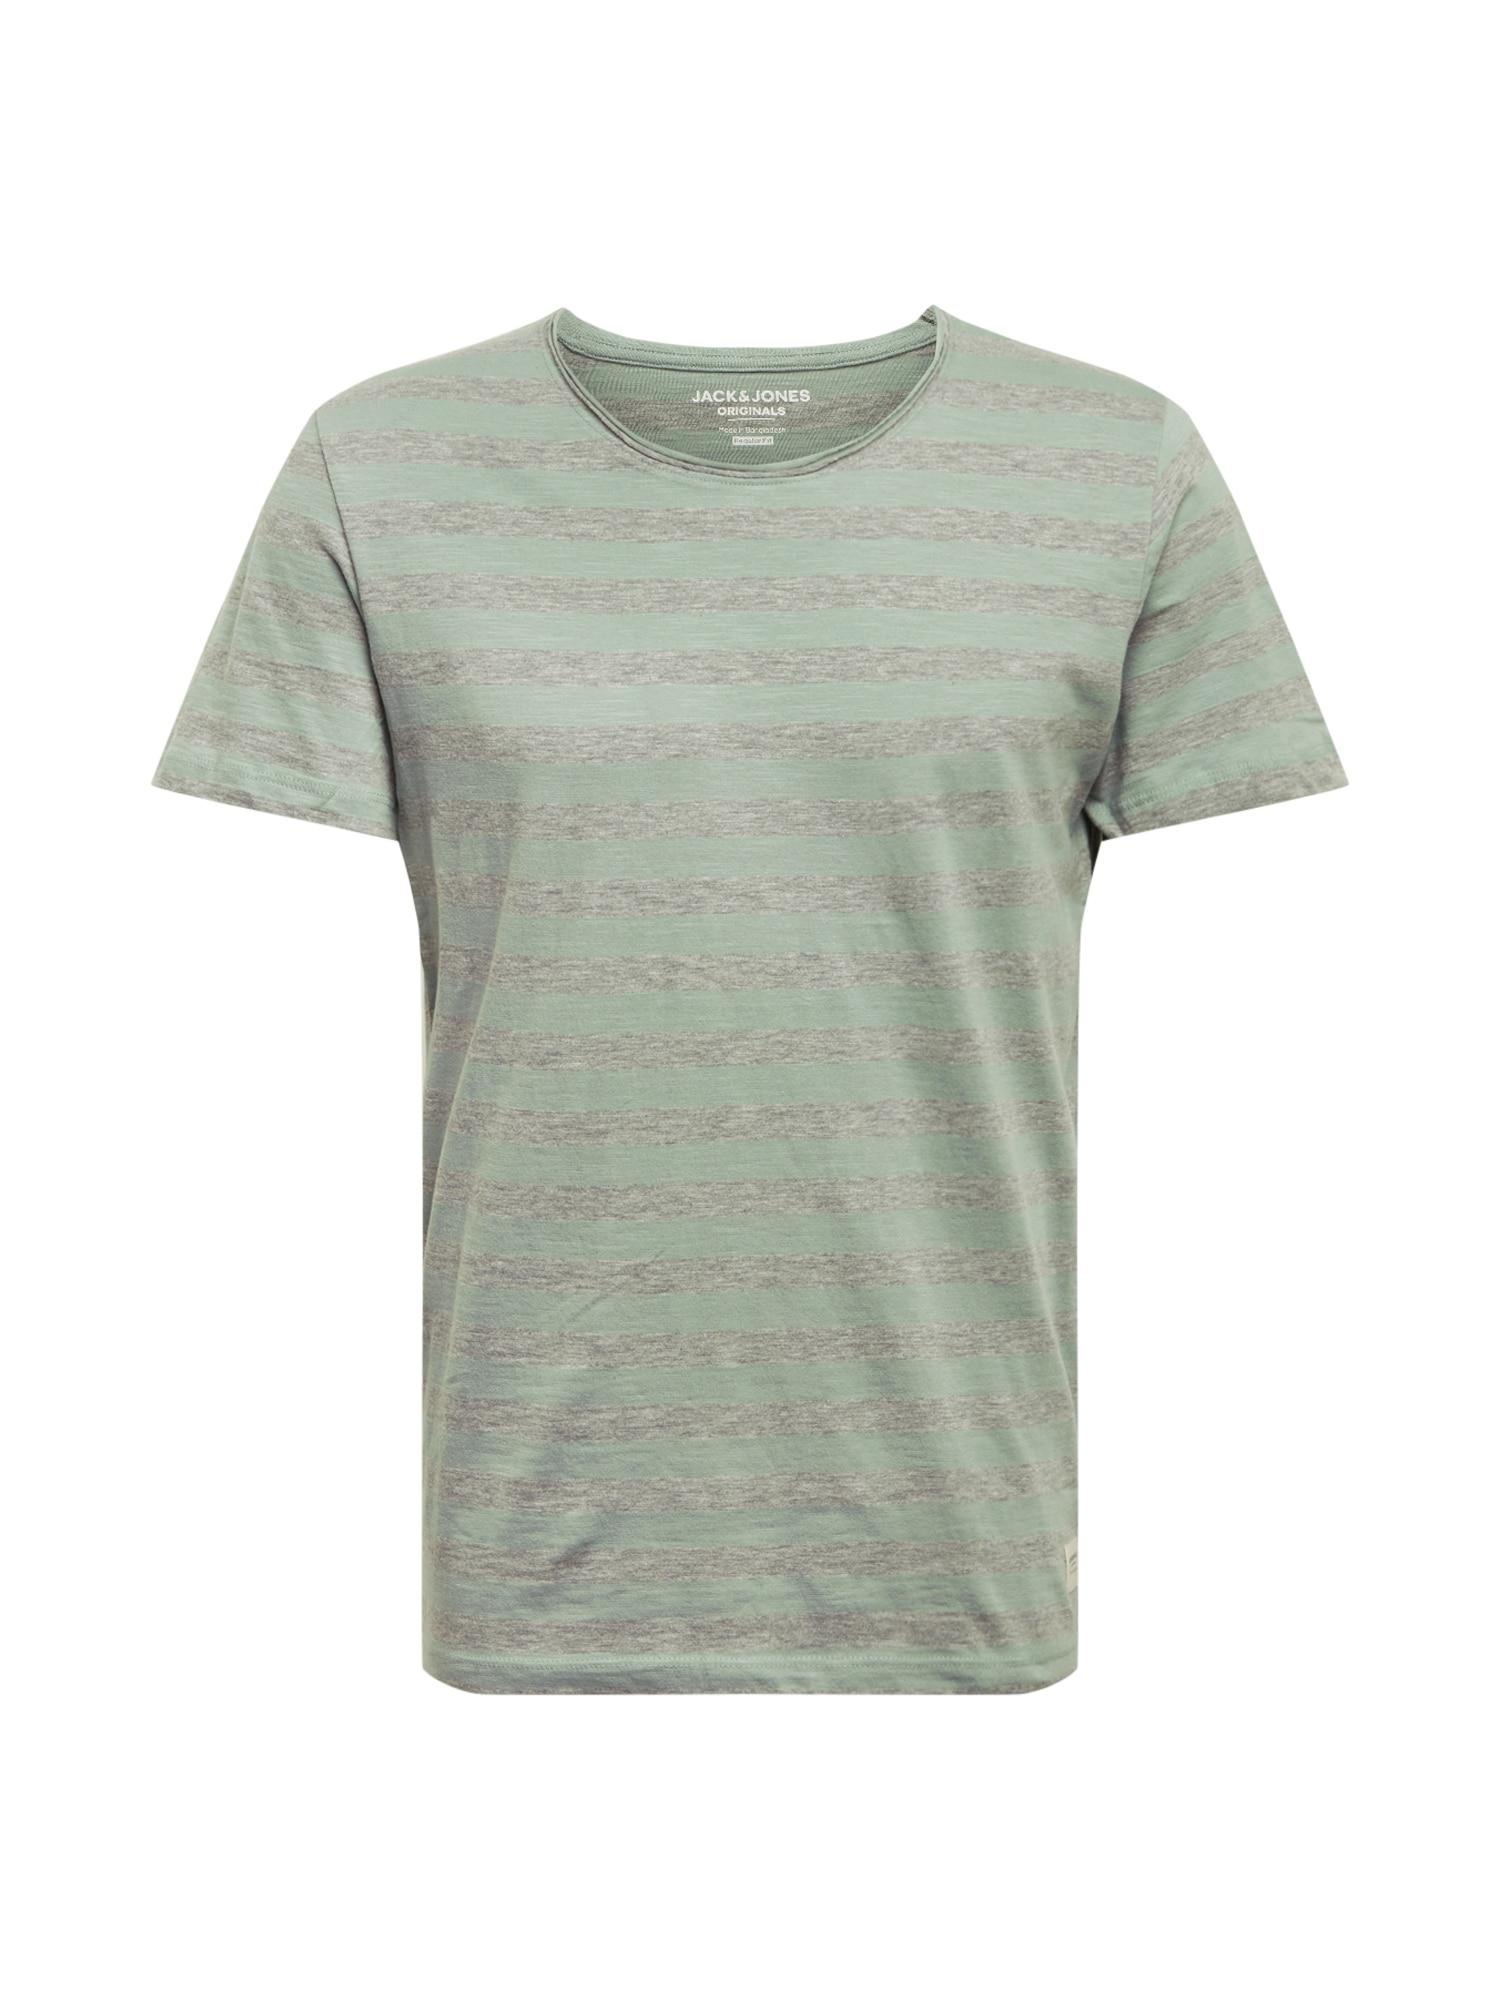 JACK & JONES Marškinėliai pilka / pastelinė žalia